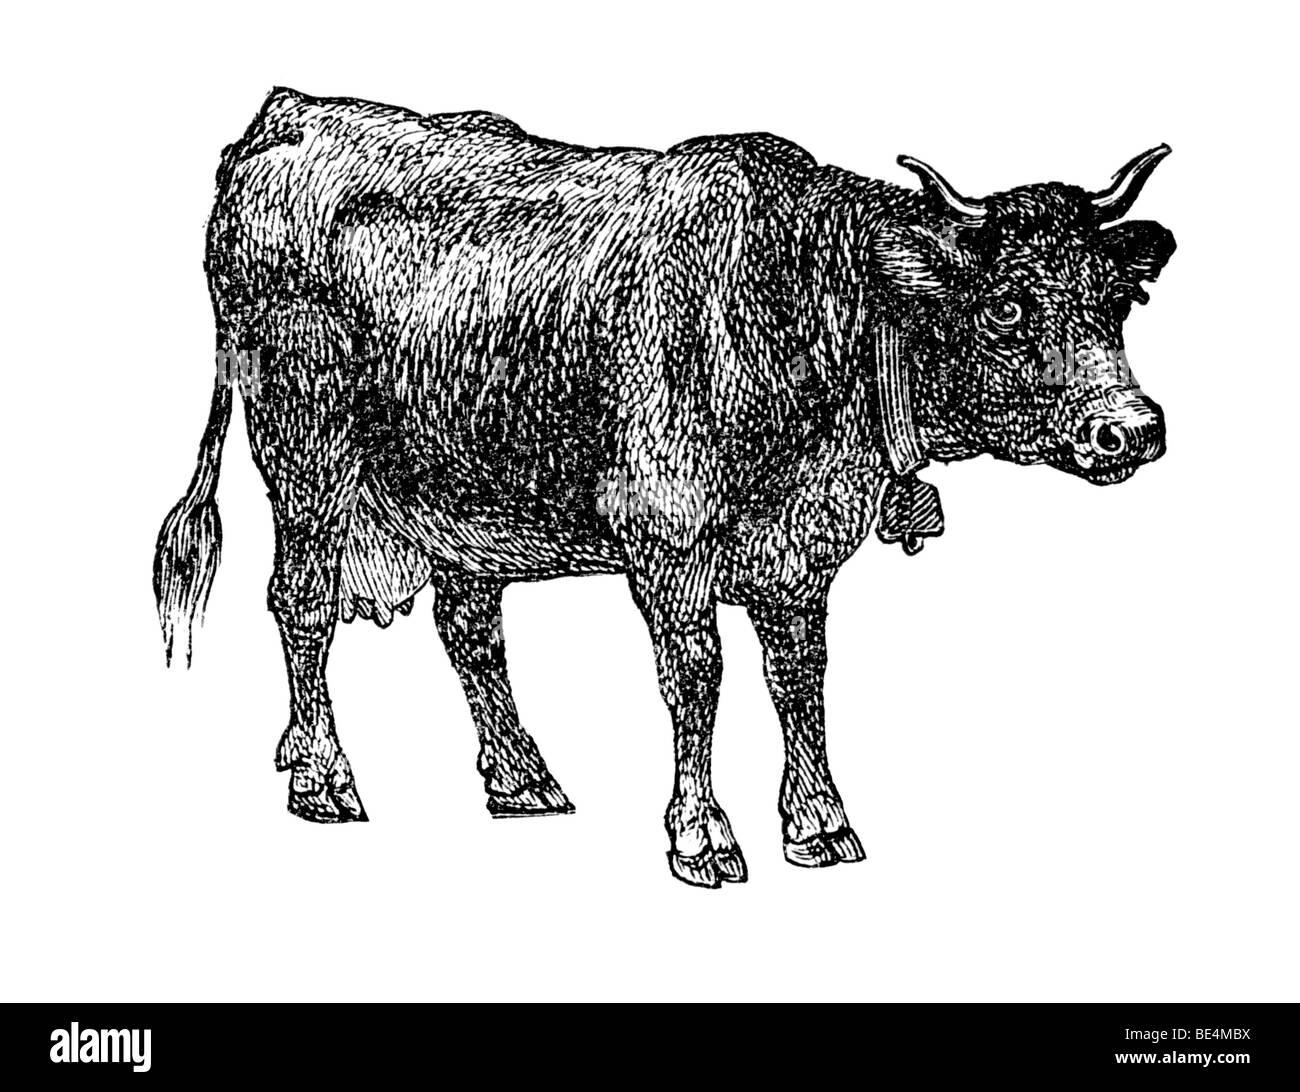 Simmenthaler cattle, historical illustration from: Marie Adenfeller, Friedrich Werner: Illustriertes Koch- und Haushaltungsbuch - Stock Image